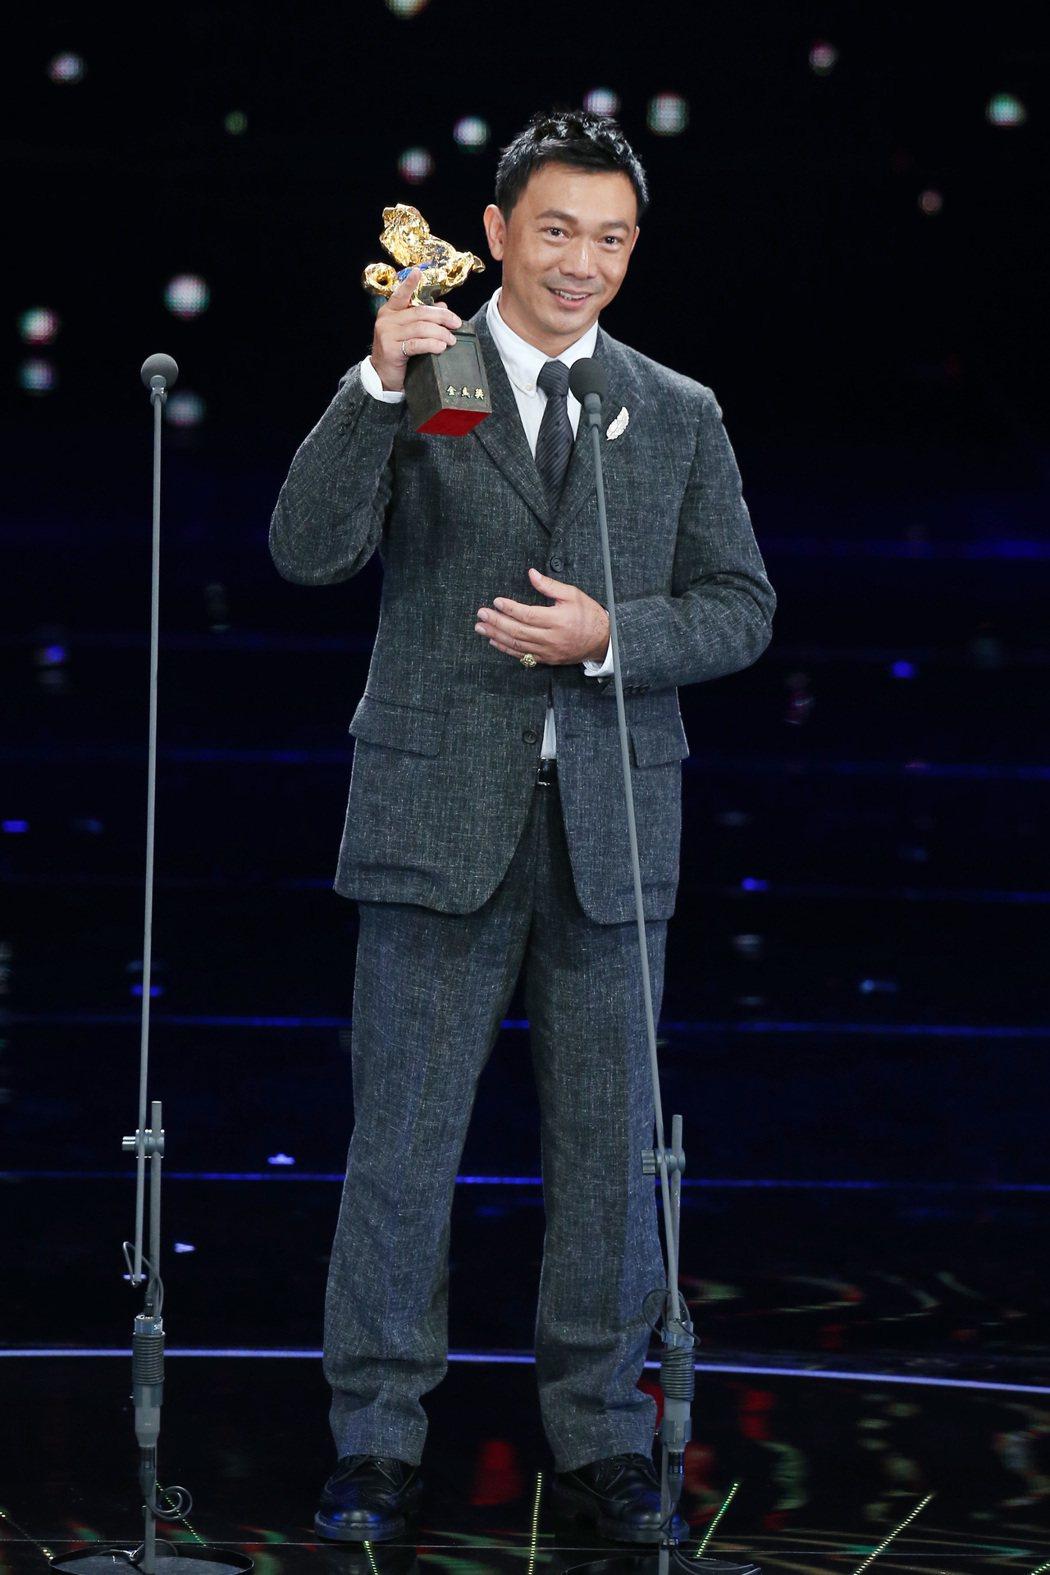 第五十四屆金馬獎,最佳新導演獎由黃信堯獲得。記者陳瑞源/攝影